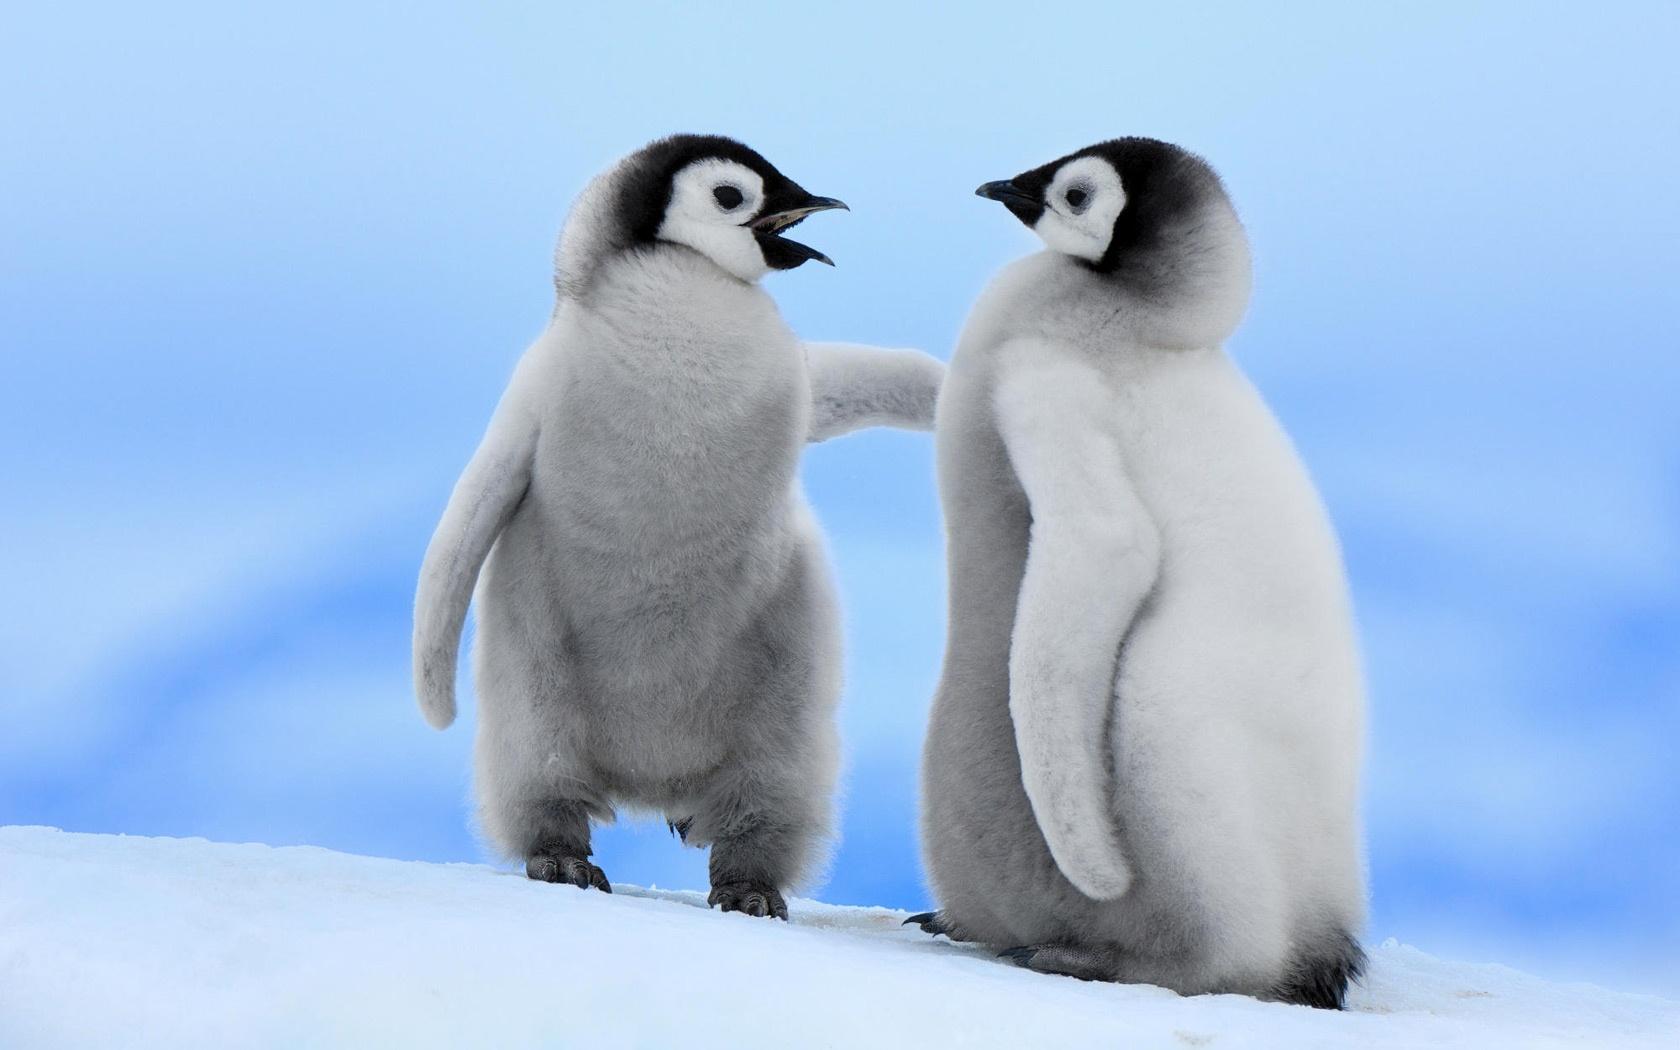 壁紙 二つの小さなペンギンの冬の雪 1680x1050 Hd 無料のデスクトップ